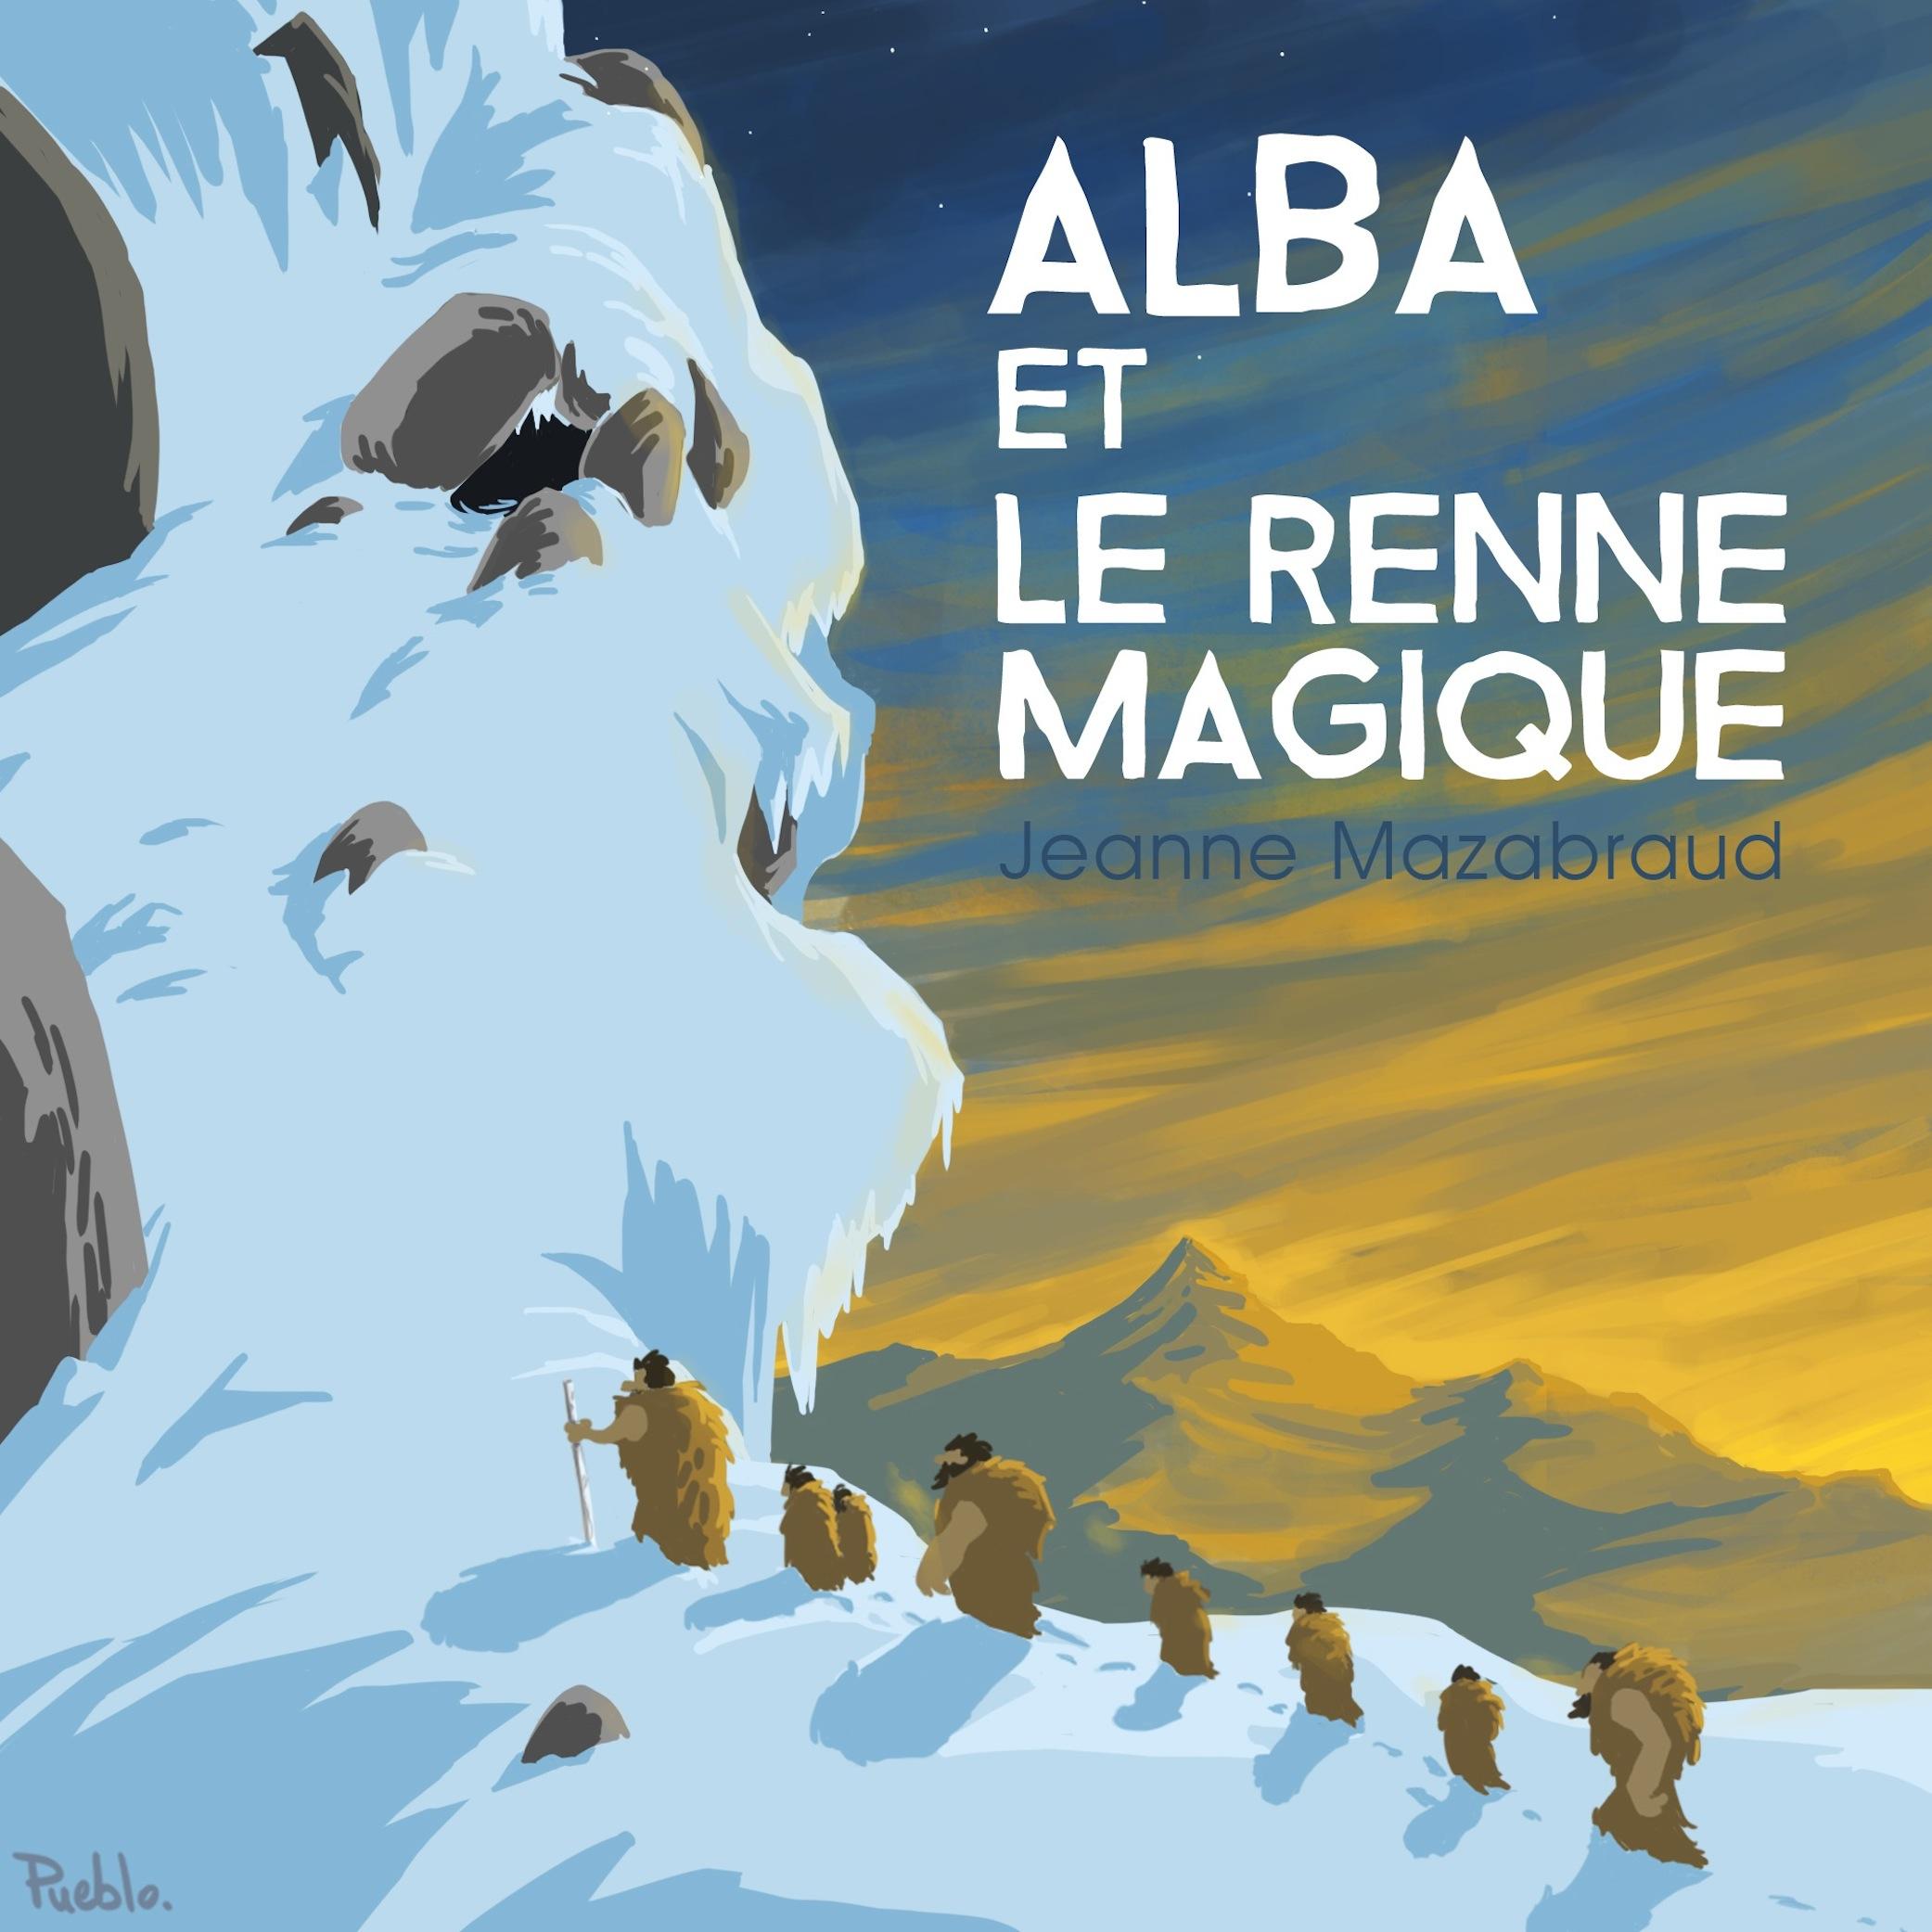 Alba et le renne magique